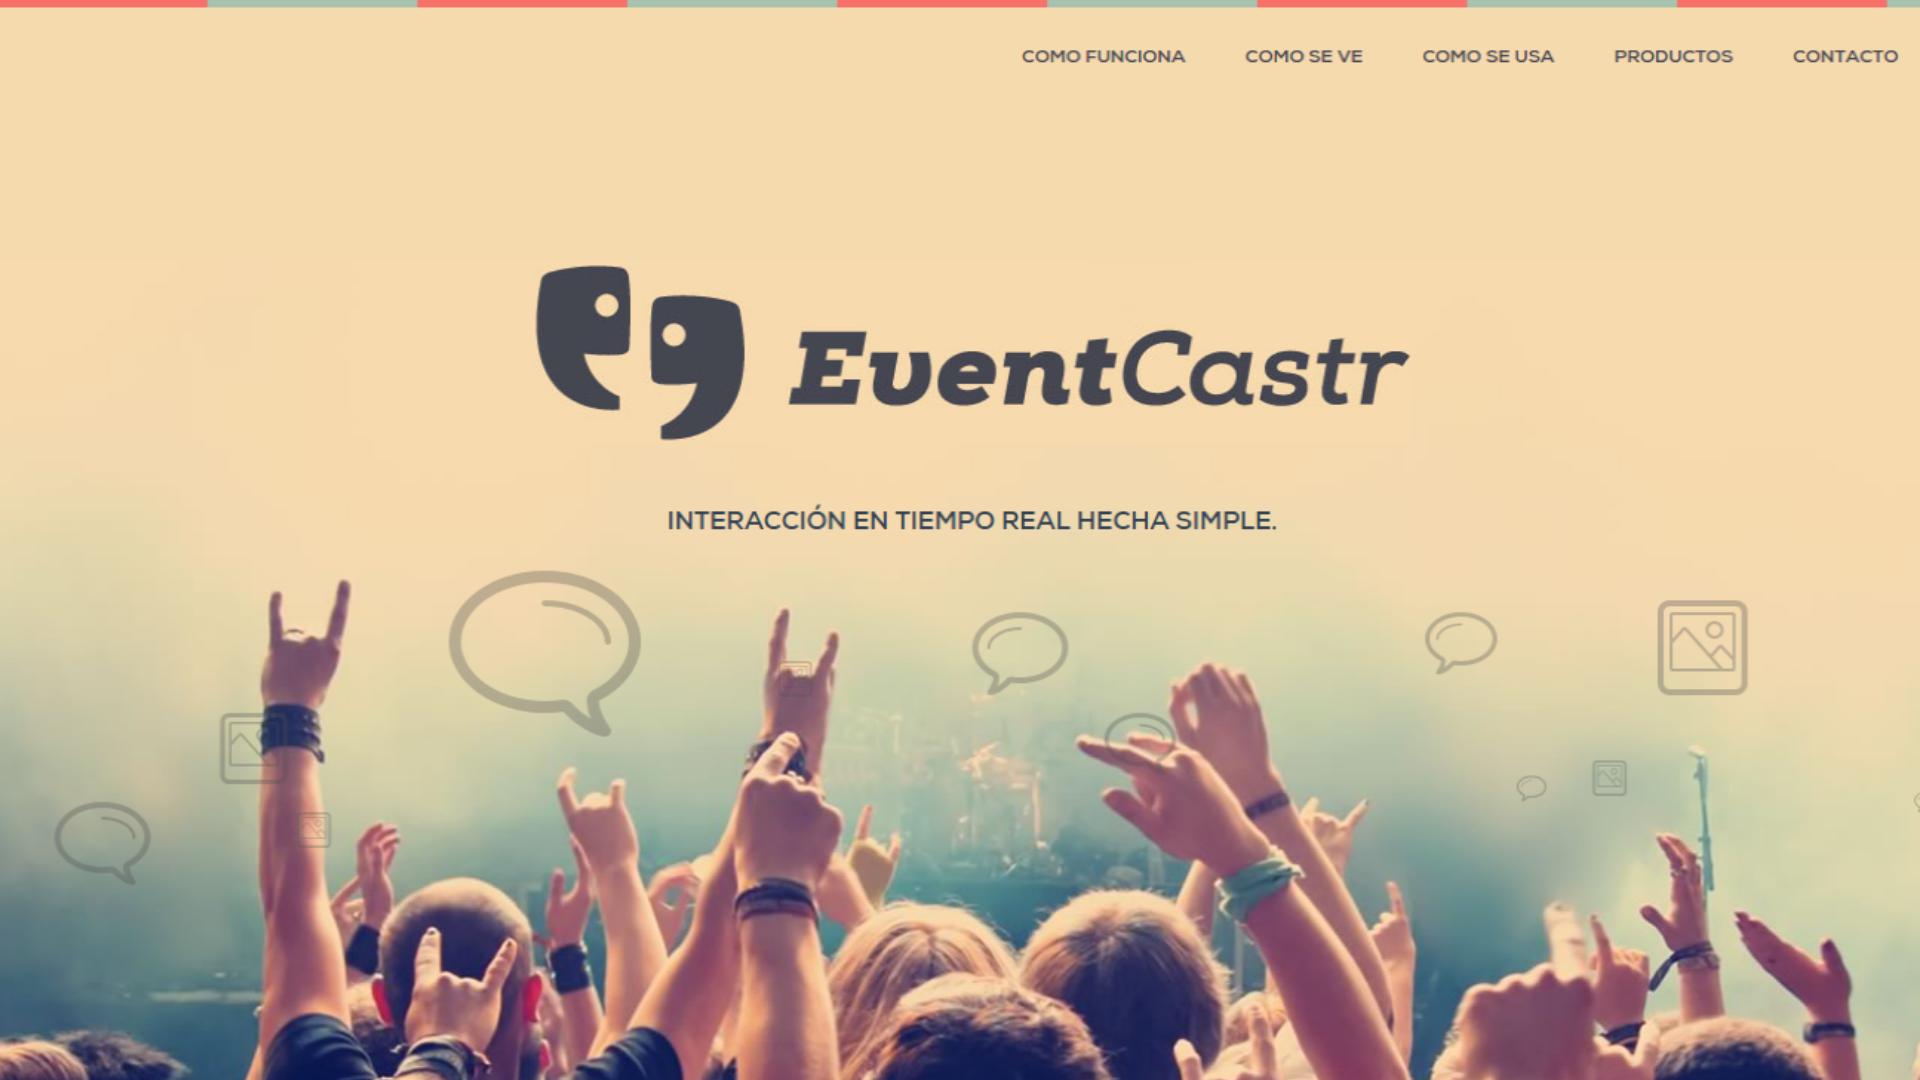 Eventcastr